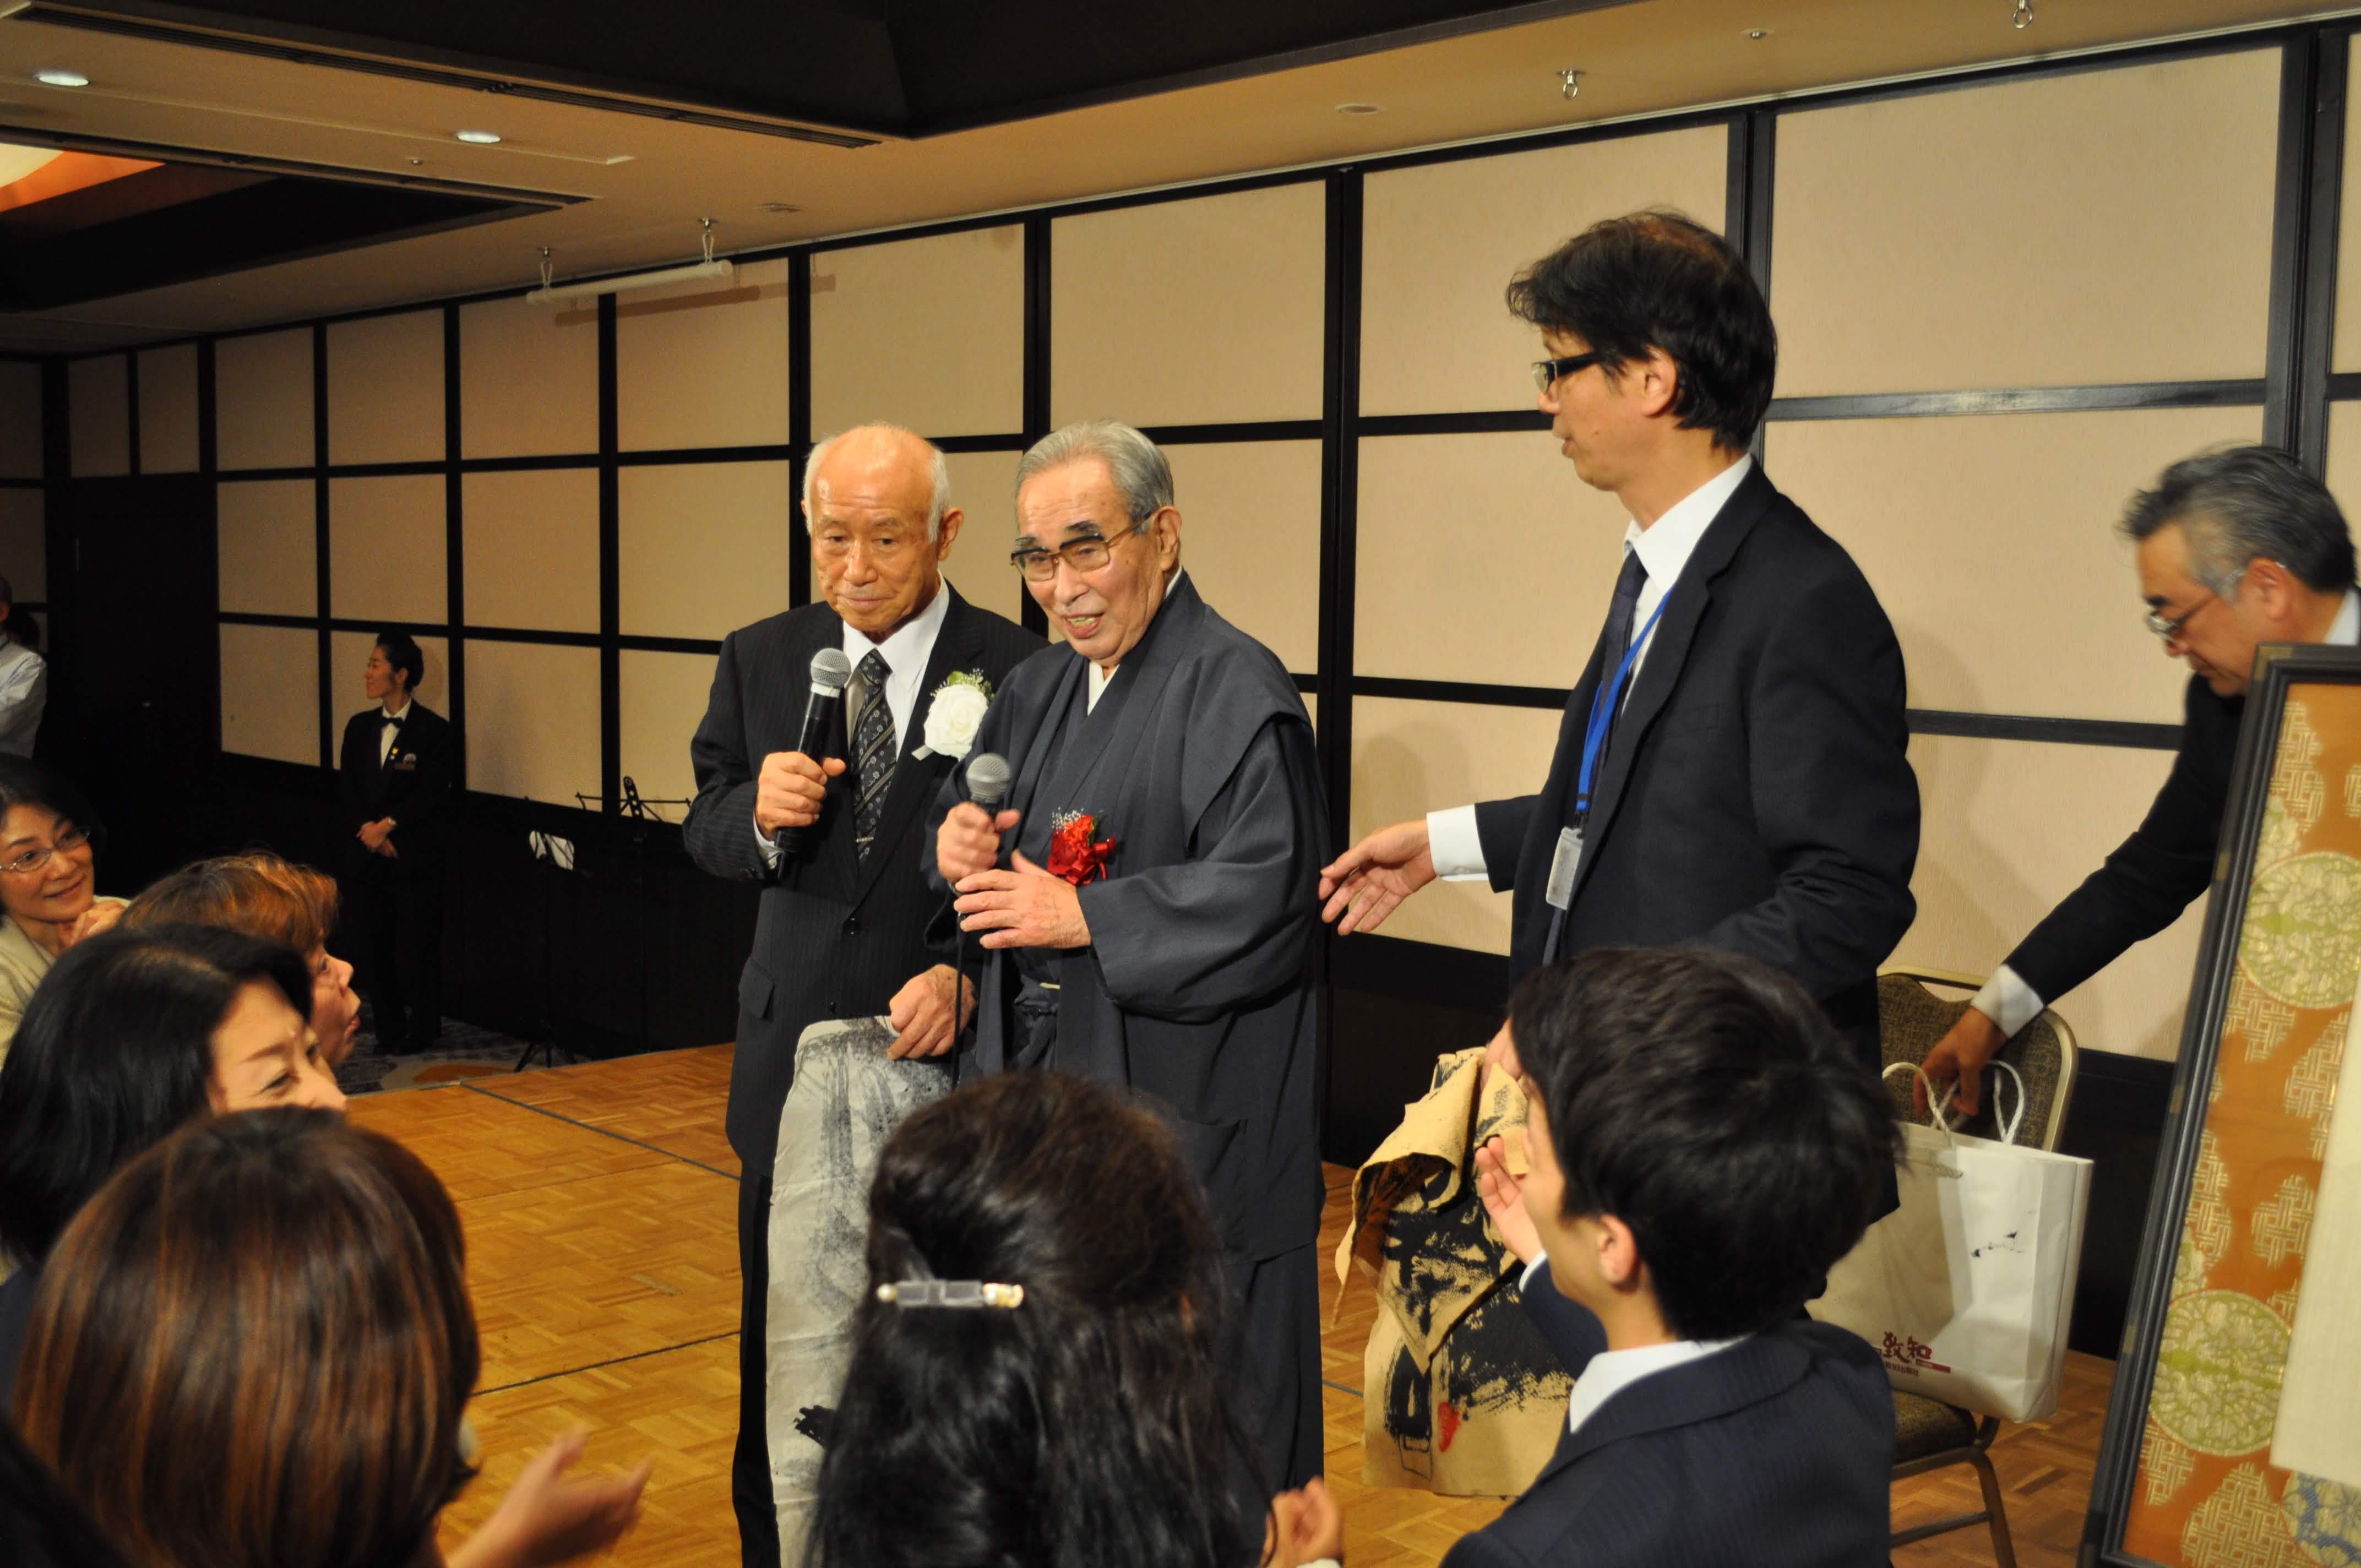 DSC 0596 1 - 思風会全国大会in広島